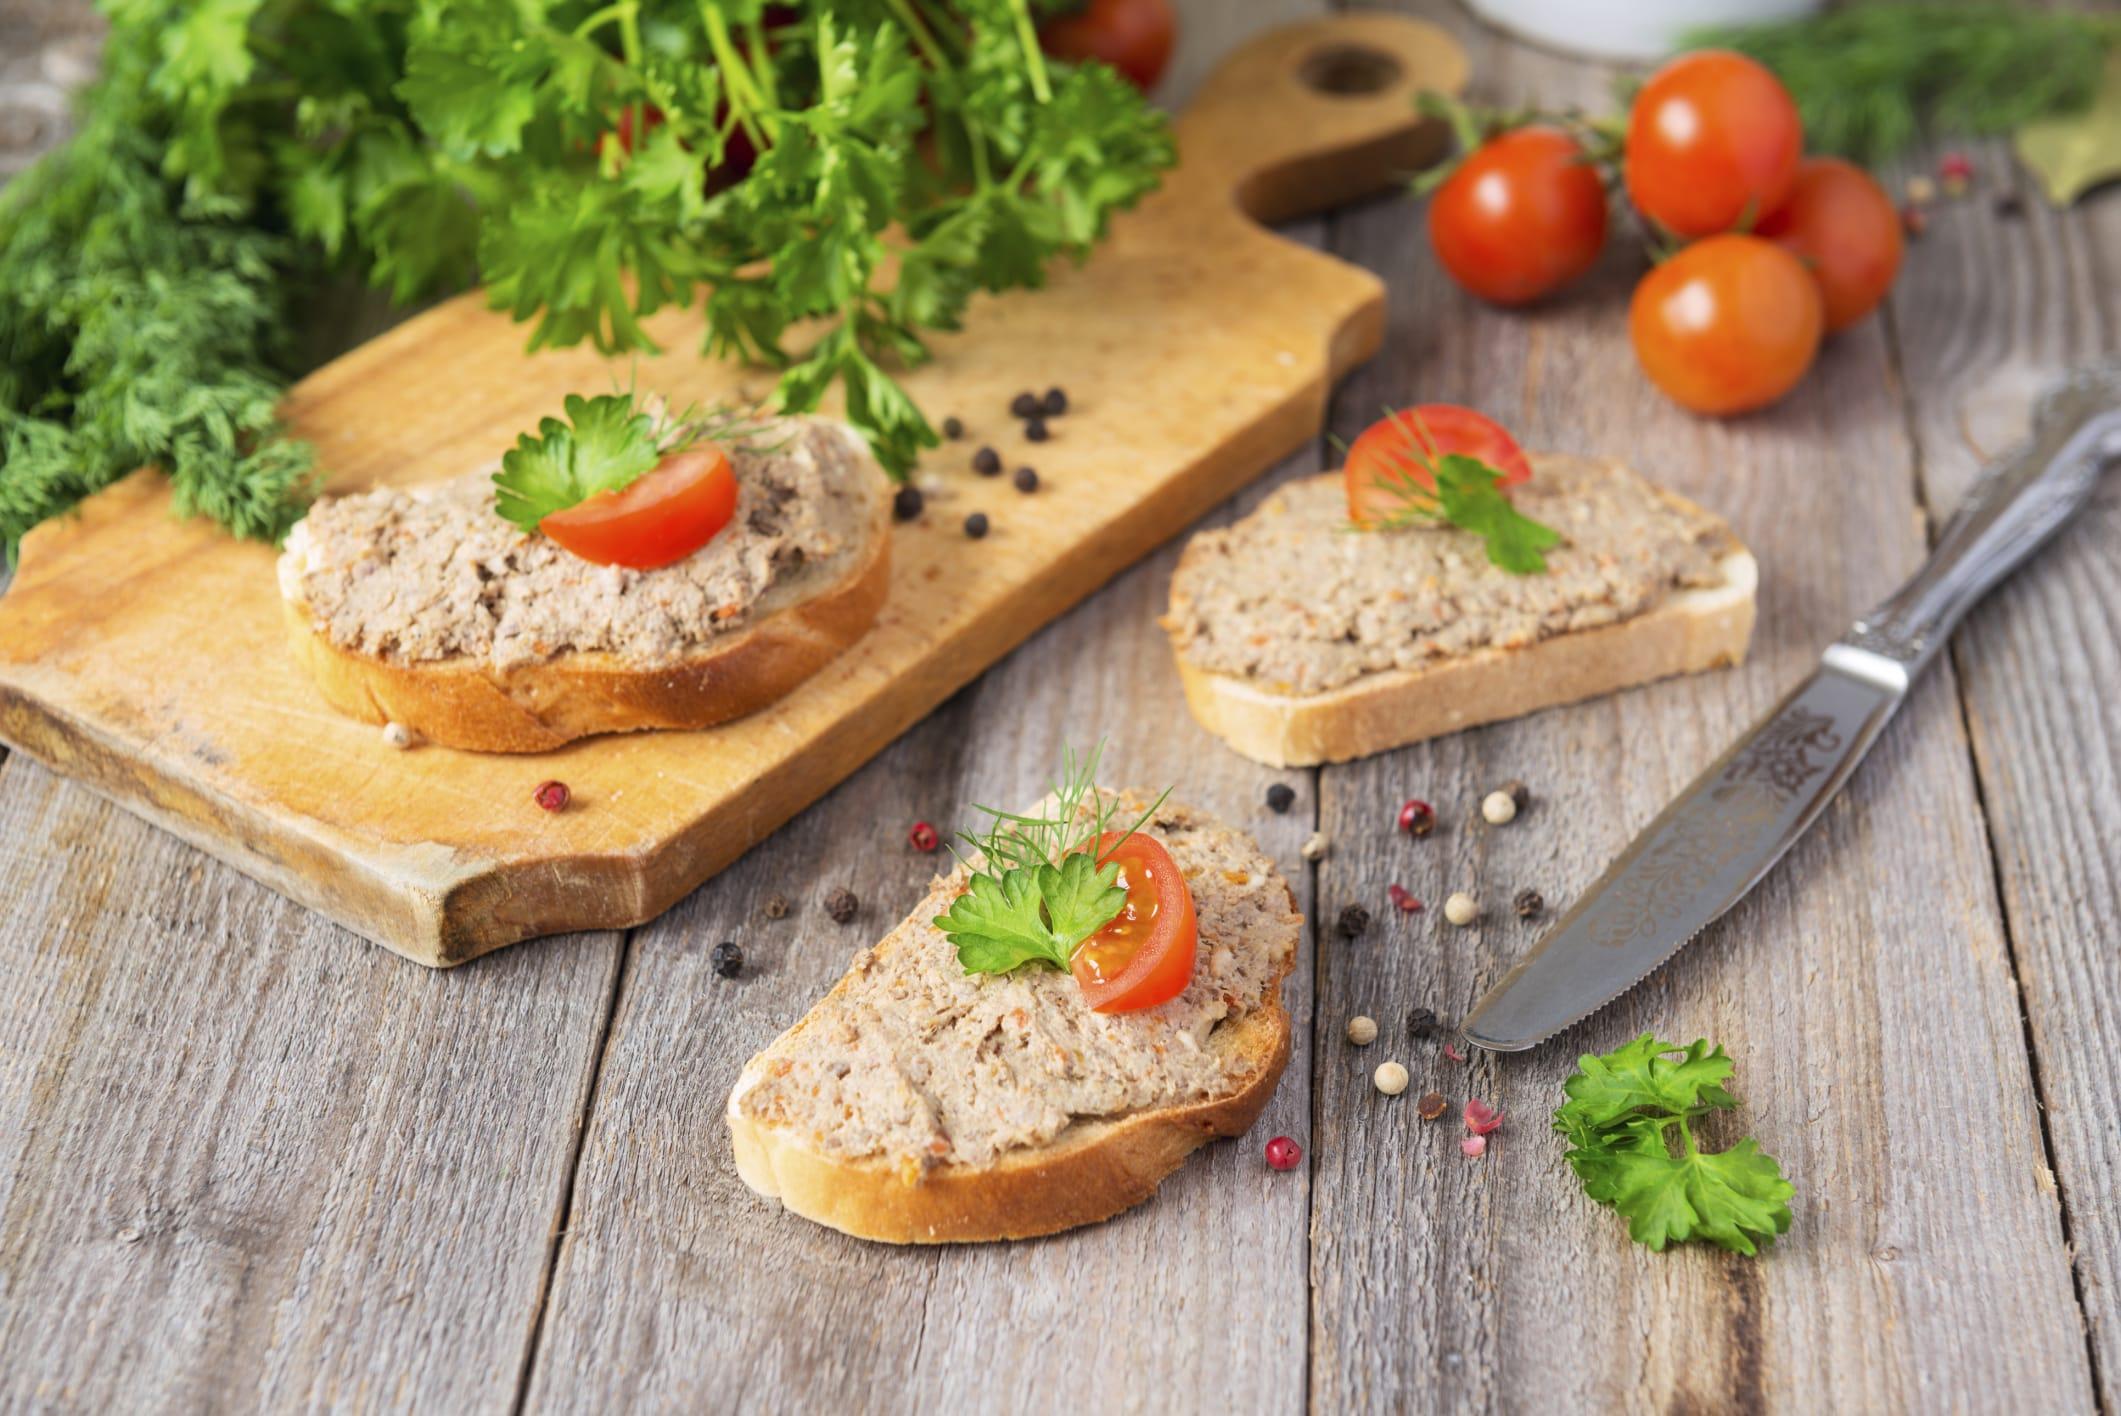 Cucina degli avanzi: la ricetta del patè con i ciuffi delle carote e dei finocchi